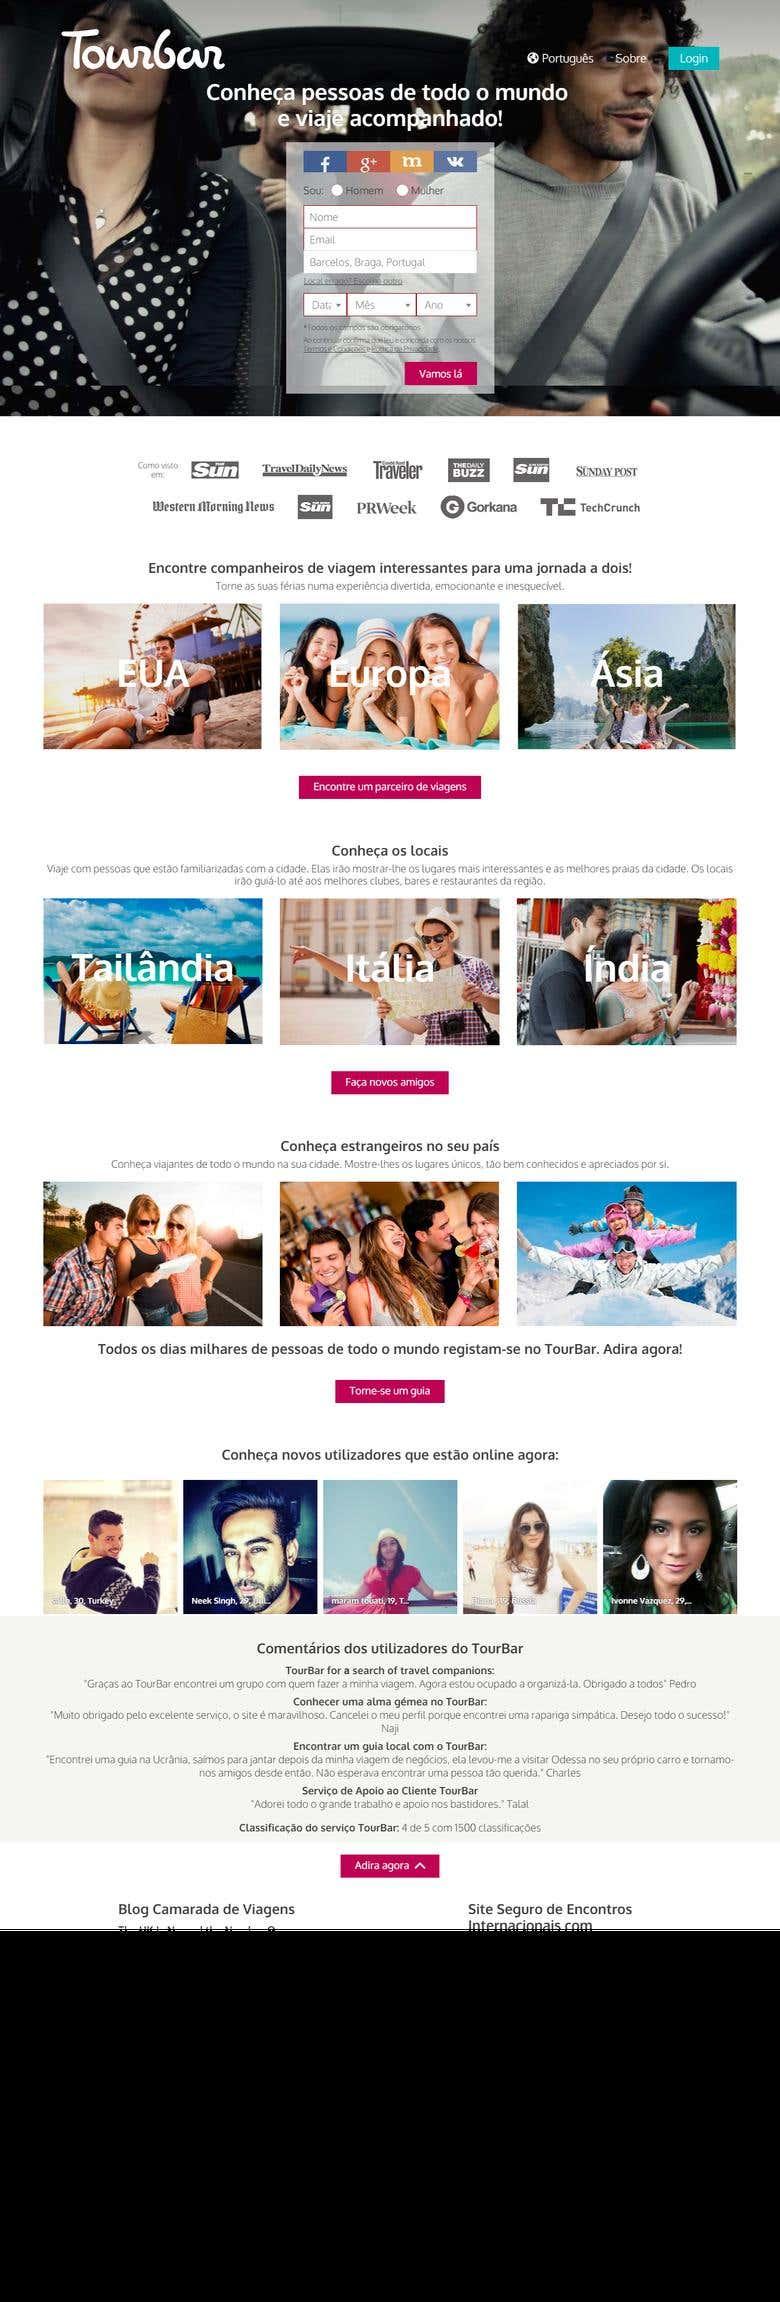 bedste online dating sted Schweiz